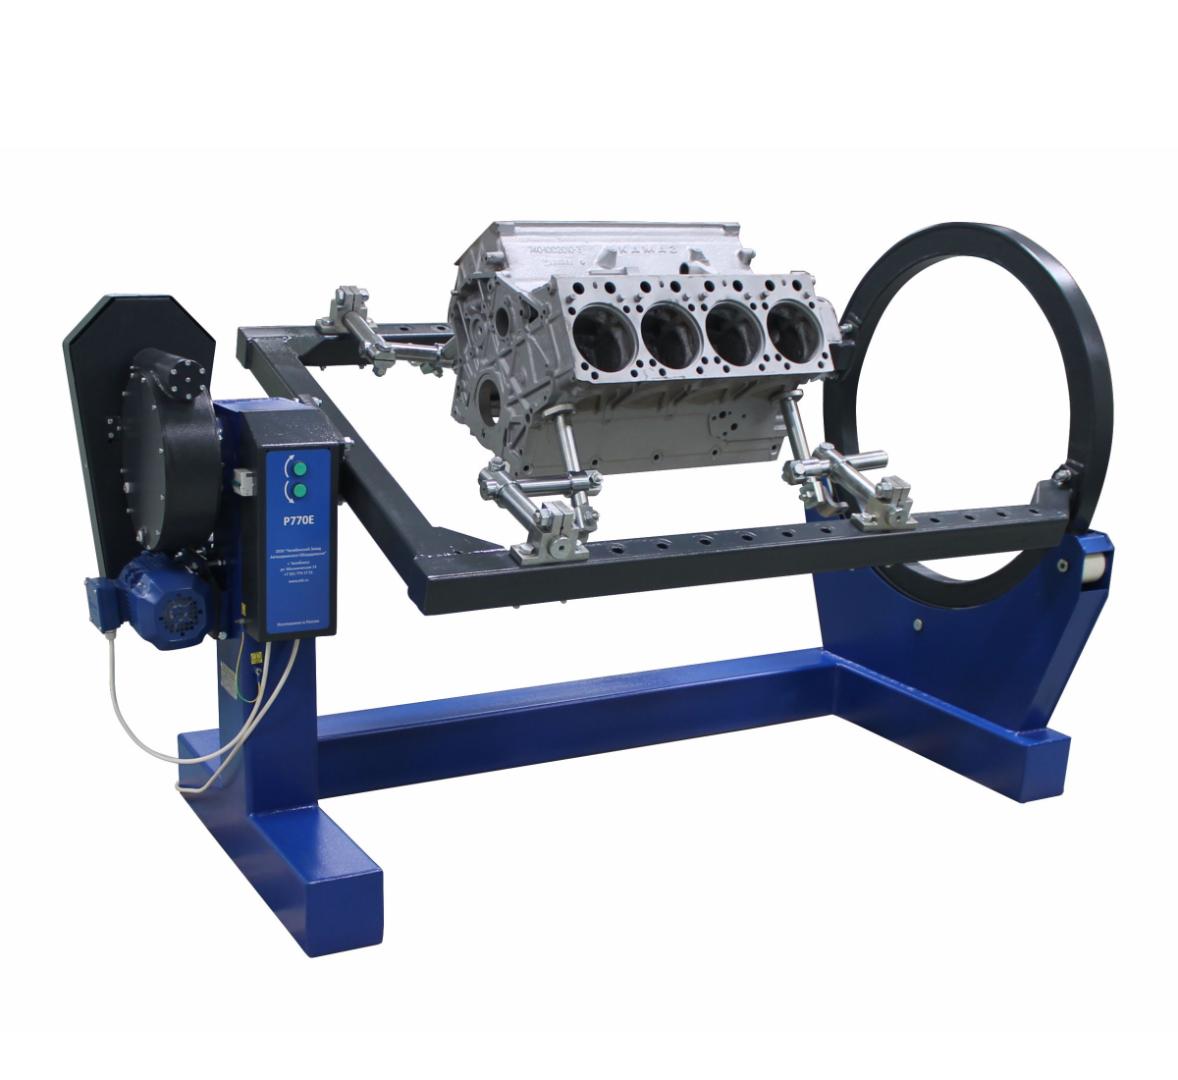 Стенд для сборки-разборки двигателя Р770Е 3000кг